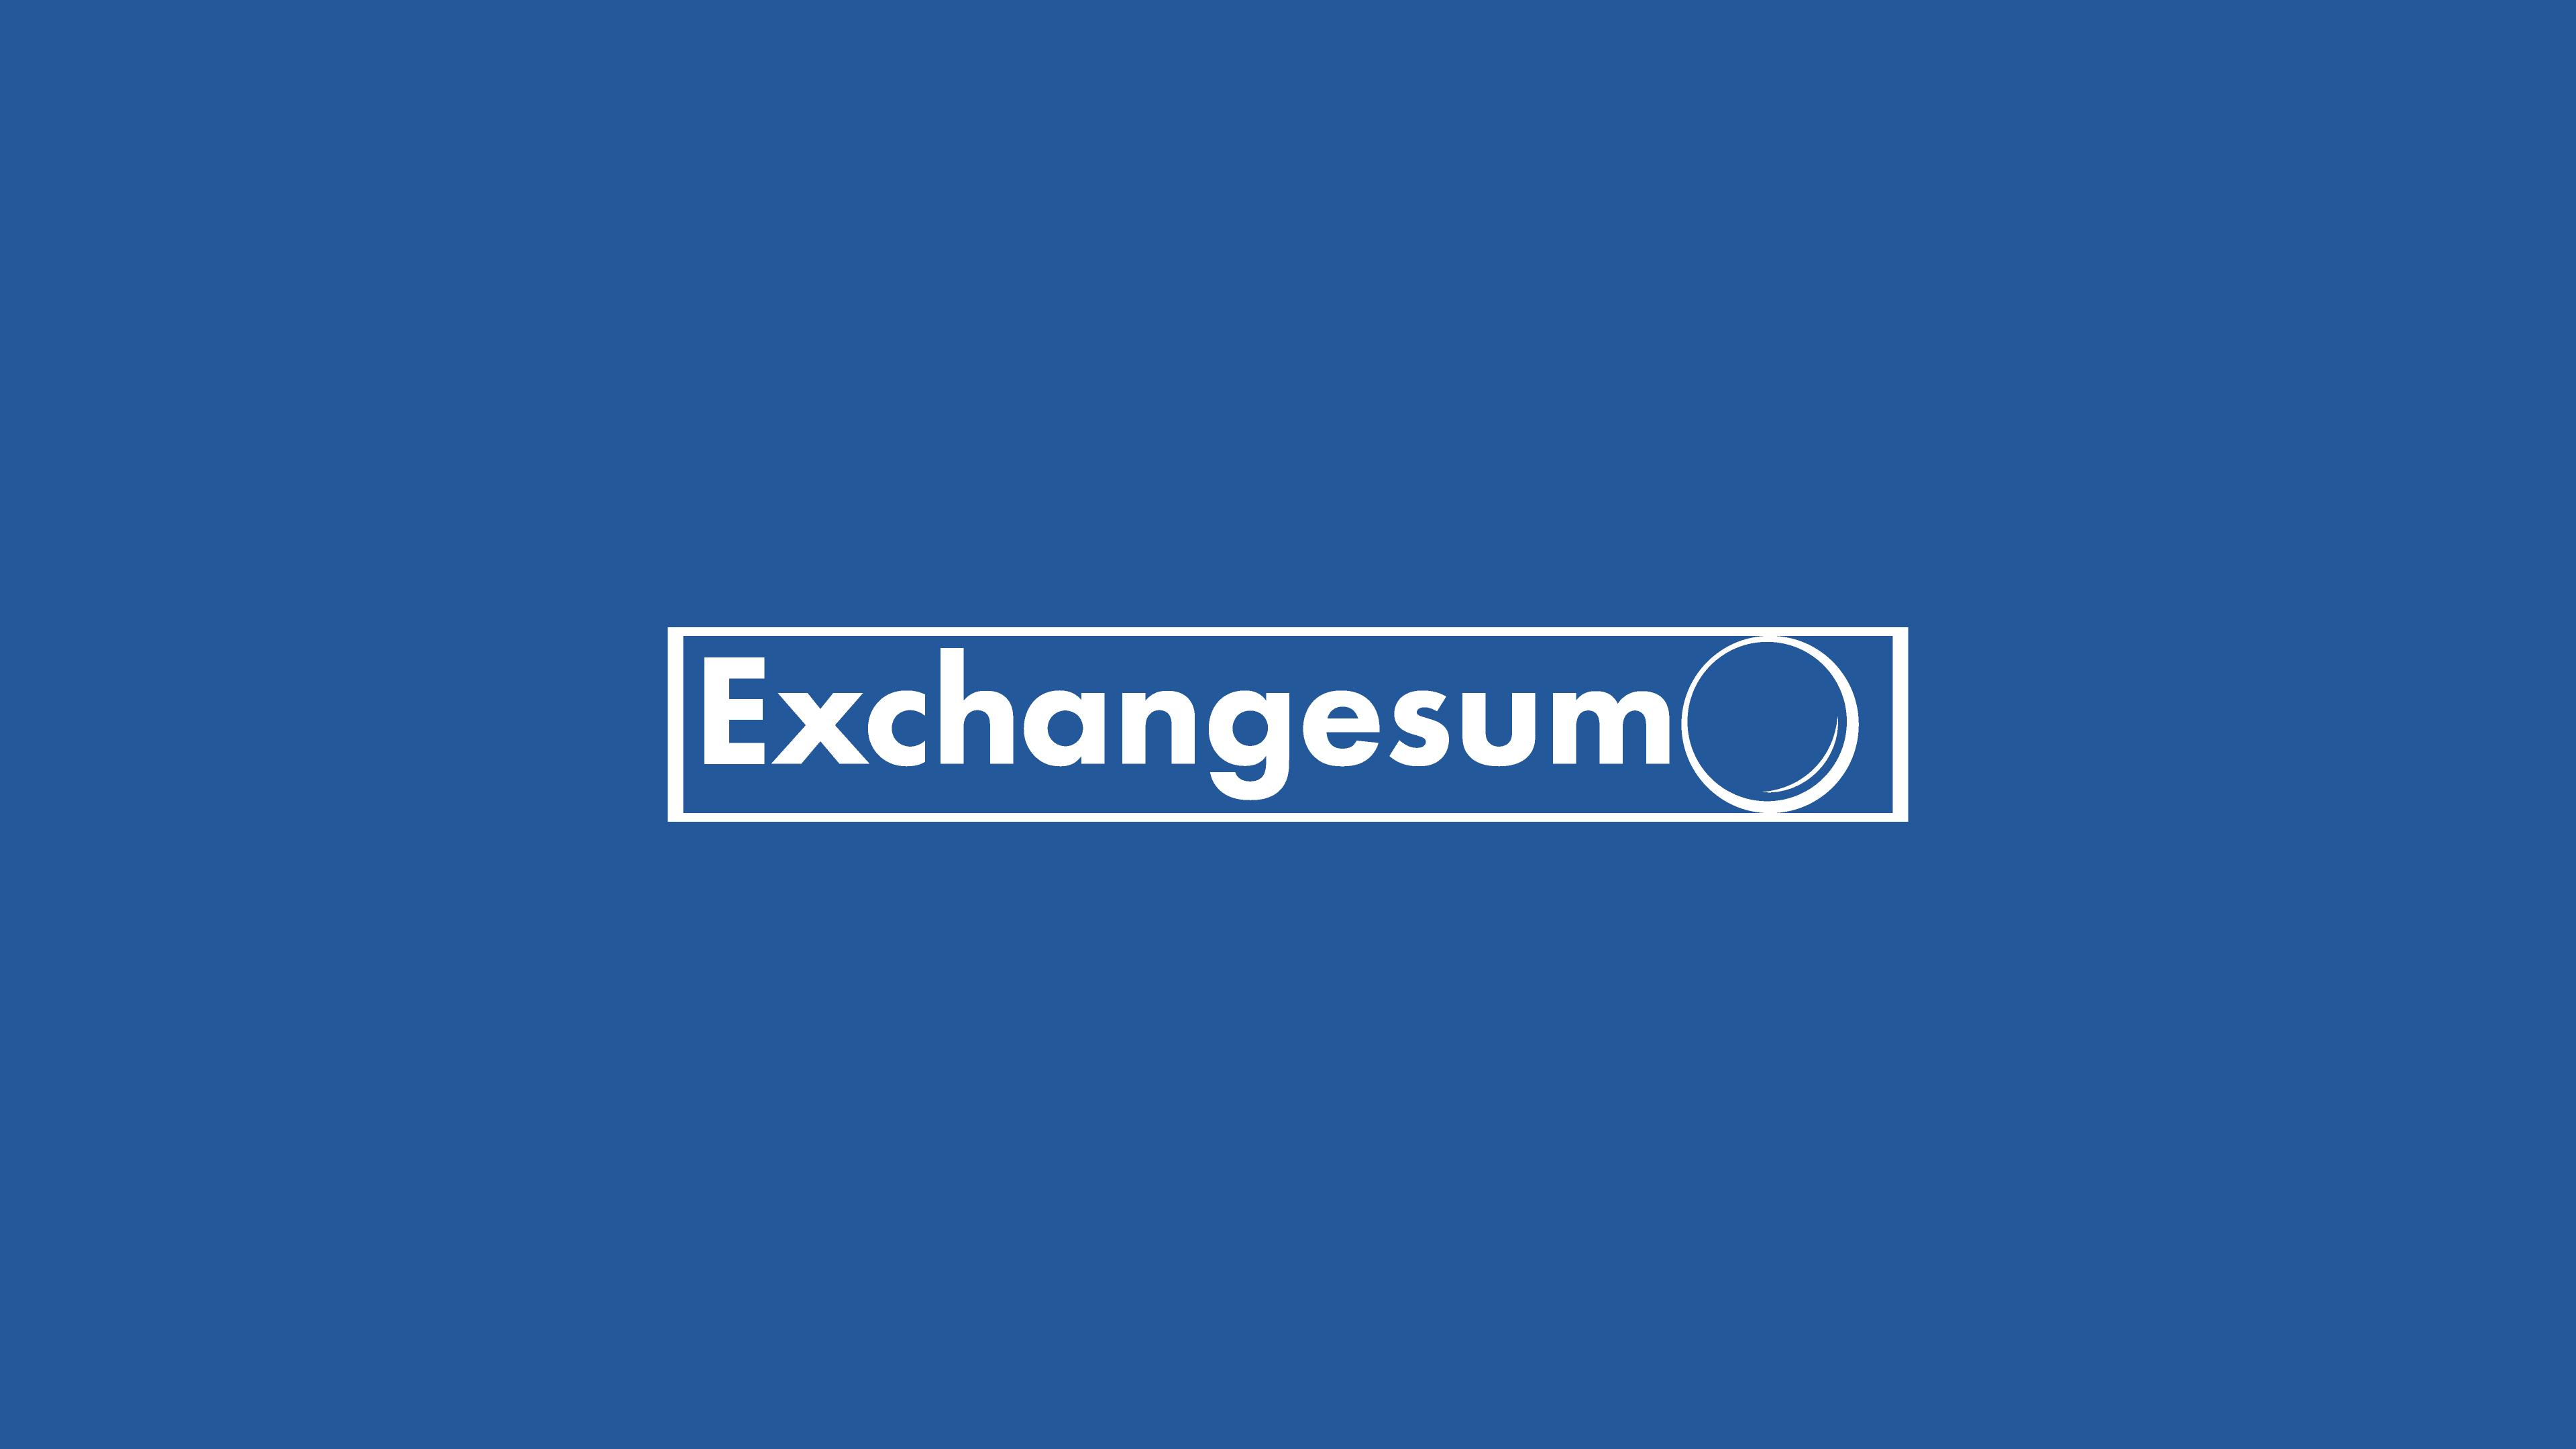 Логотип для мониторинга обменников фото f_7895baa7dd19358e.png